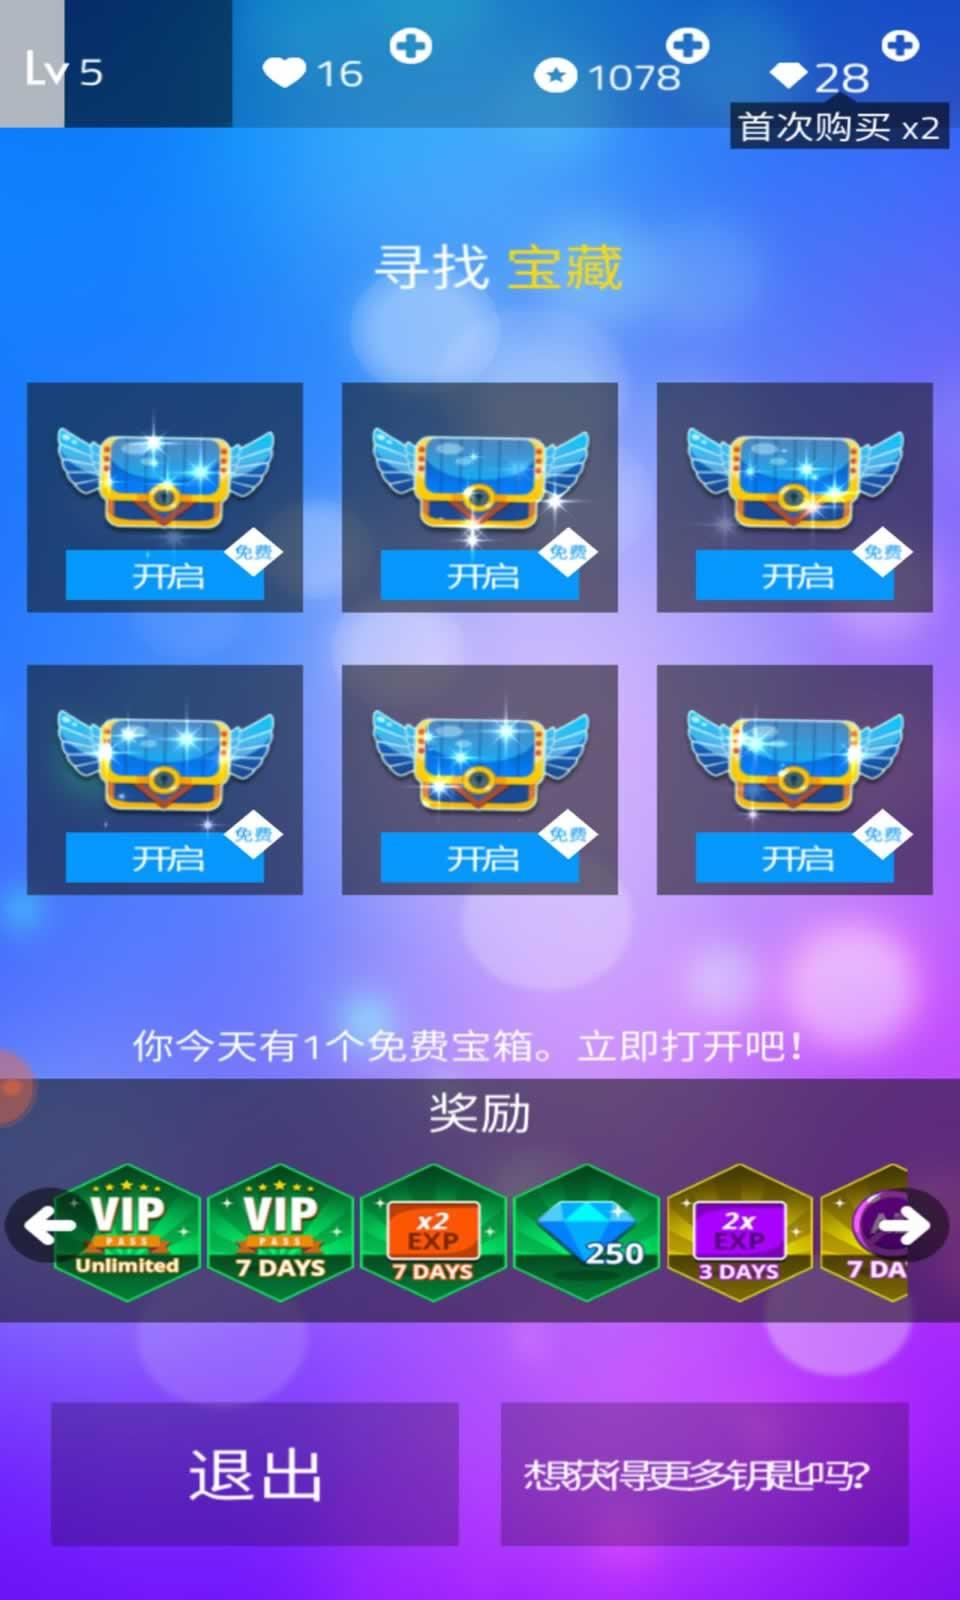 魔法钢琴师3中文破解版游戏截图